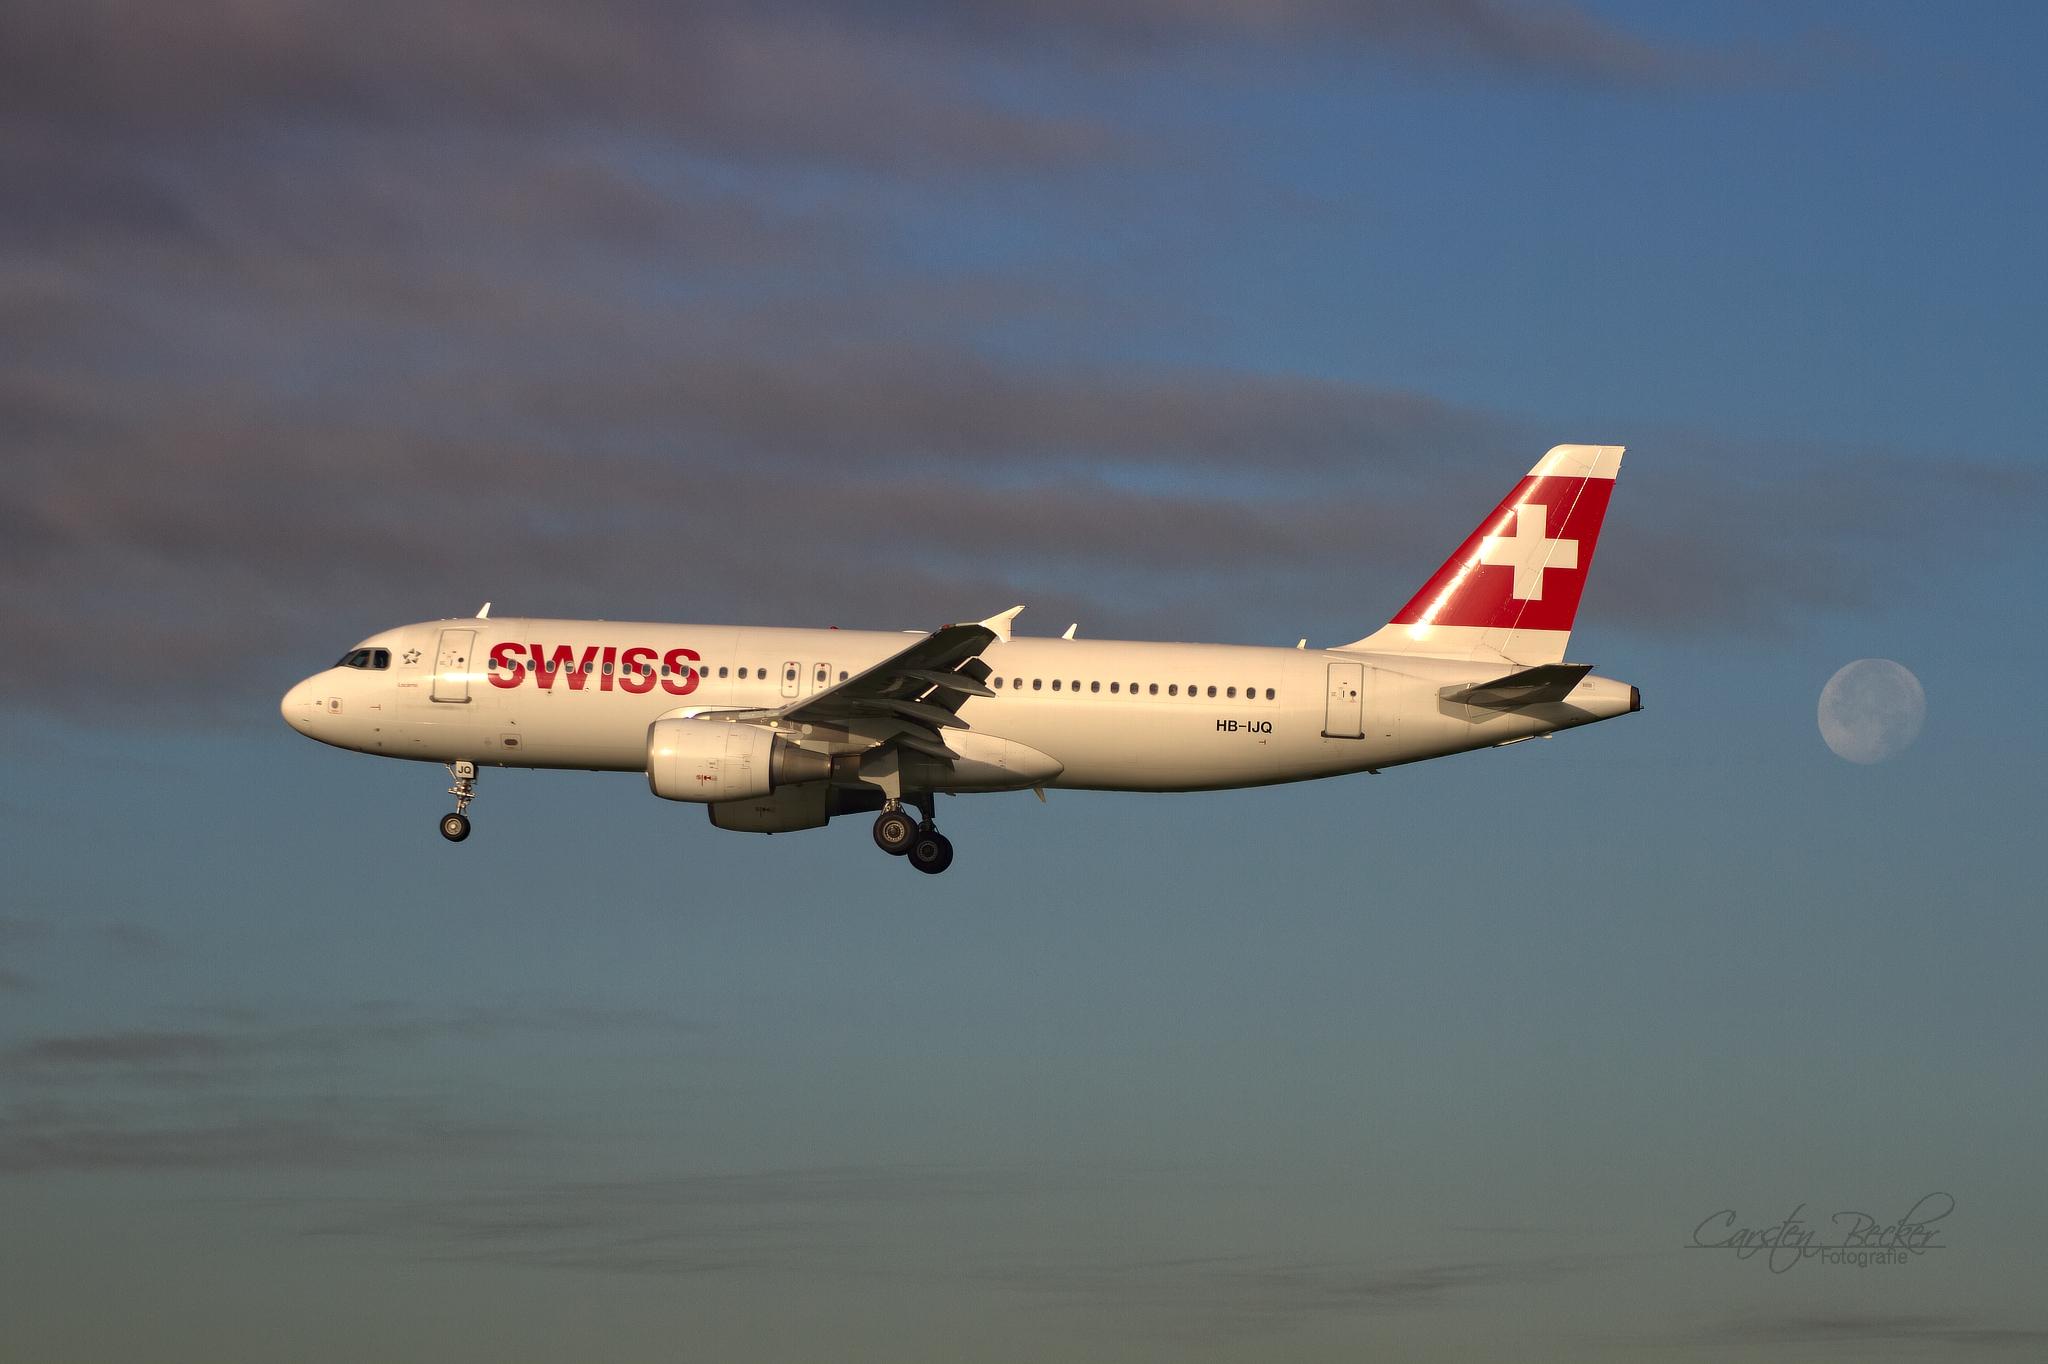 Swiss A320 HB-IJQ